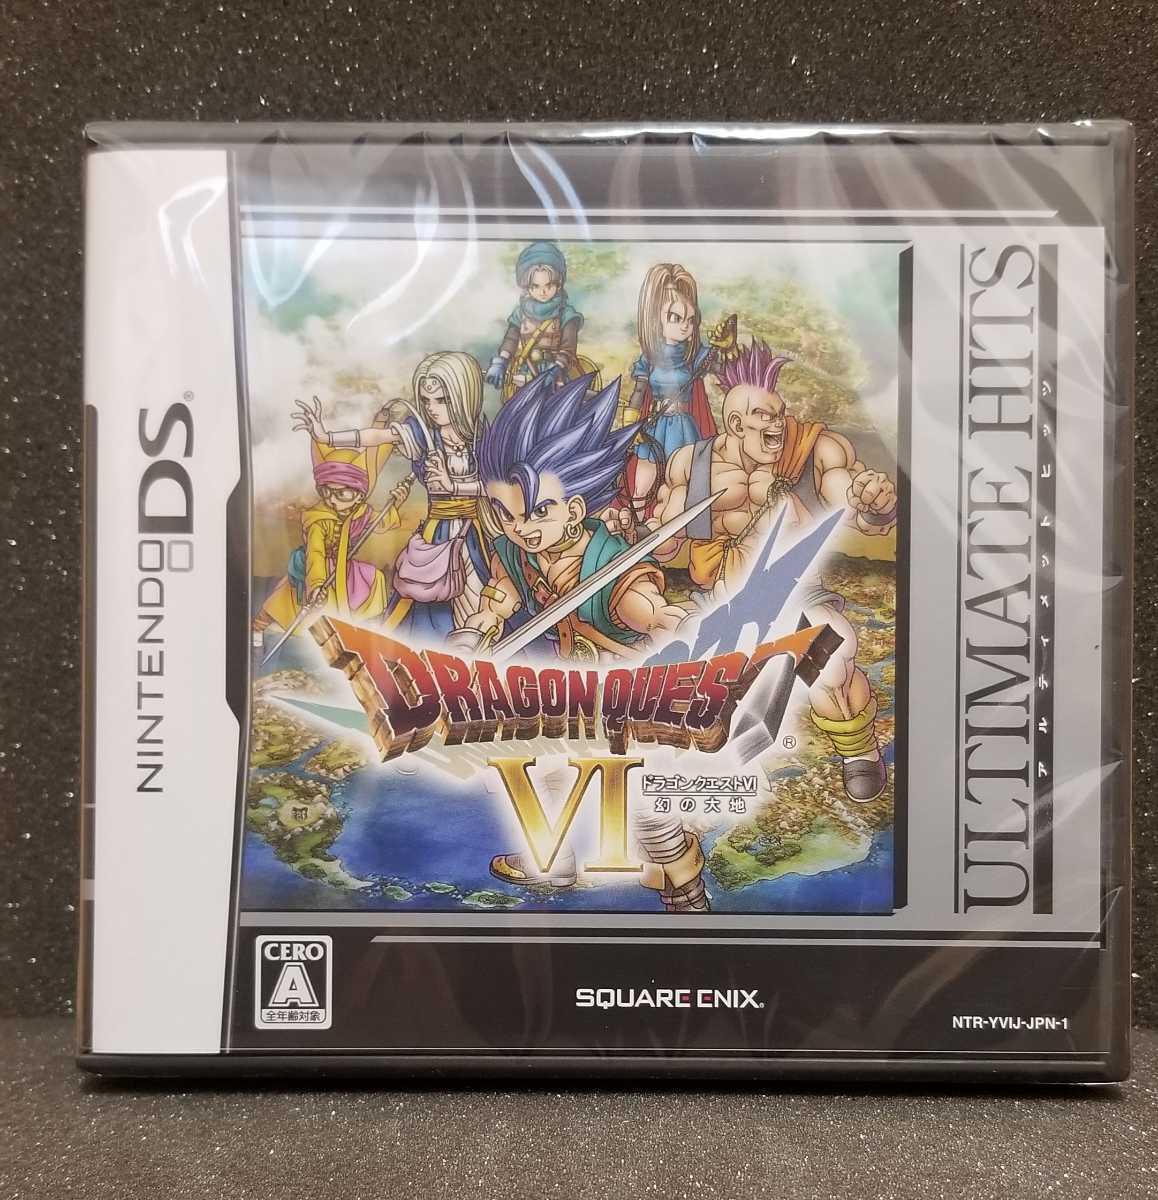 ドラゴンクエスト6 幻の大地 ドラゴンクエストVI DS ドラクエ6 ドラゴンクエスト DSソフト ドラクエ 新品 未開封 Nintendo 4 5 7 8 11